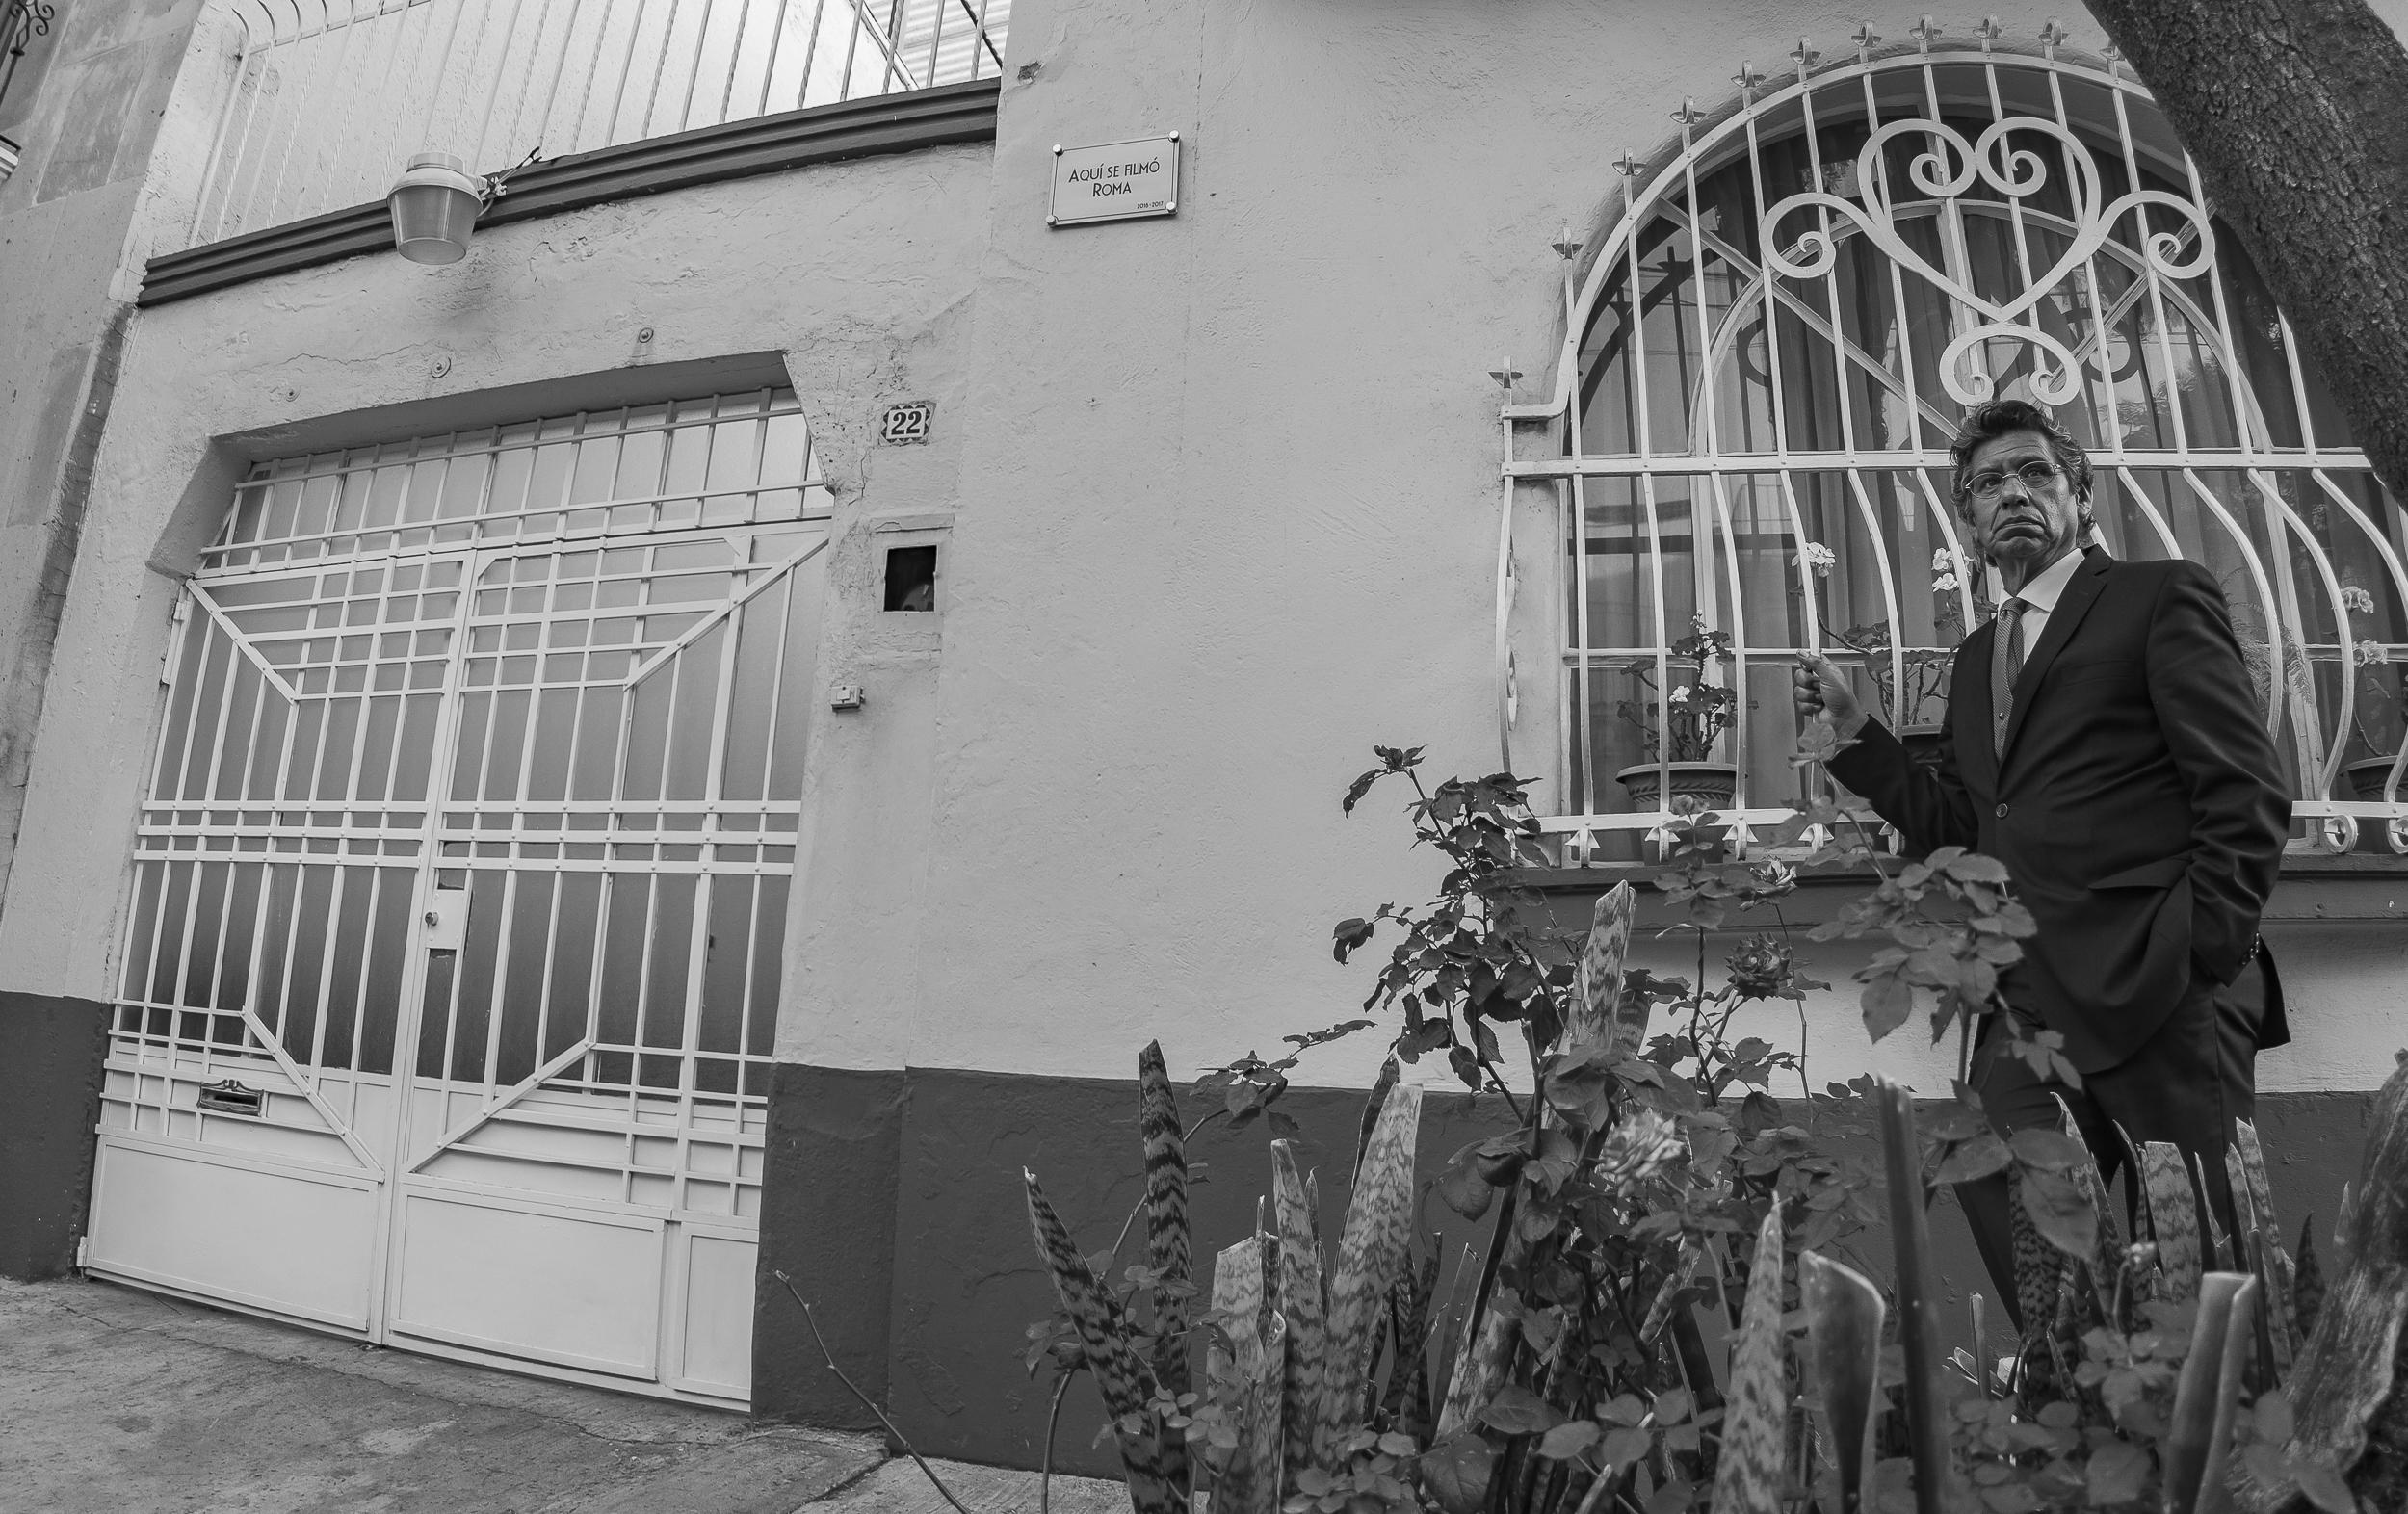 PELÍCULA ROMA FUE UN TRIUNFO CONSTRUIDO DESDE LA COLONIA DEL VALLE,EN CIUDAD DE MÉXICO